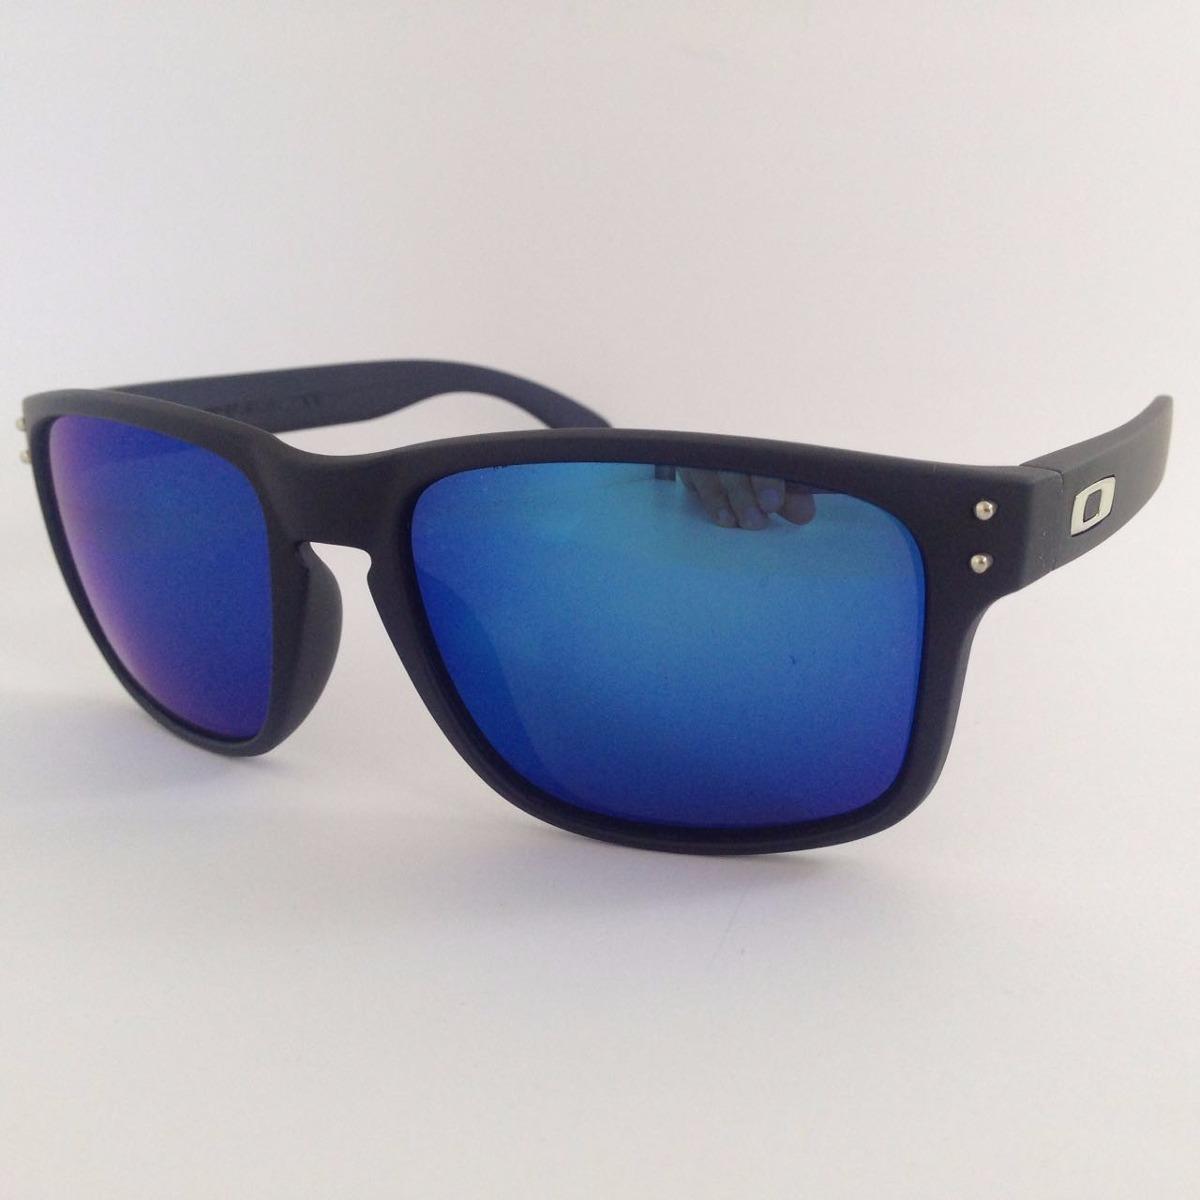 oculos de sol holbrook quadrado masculino preto espelhado. Carregando zoom. cb3dd4009f